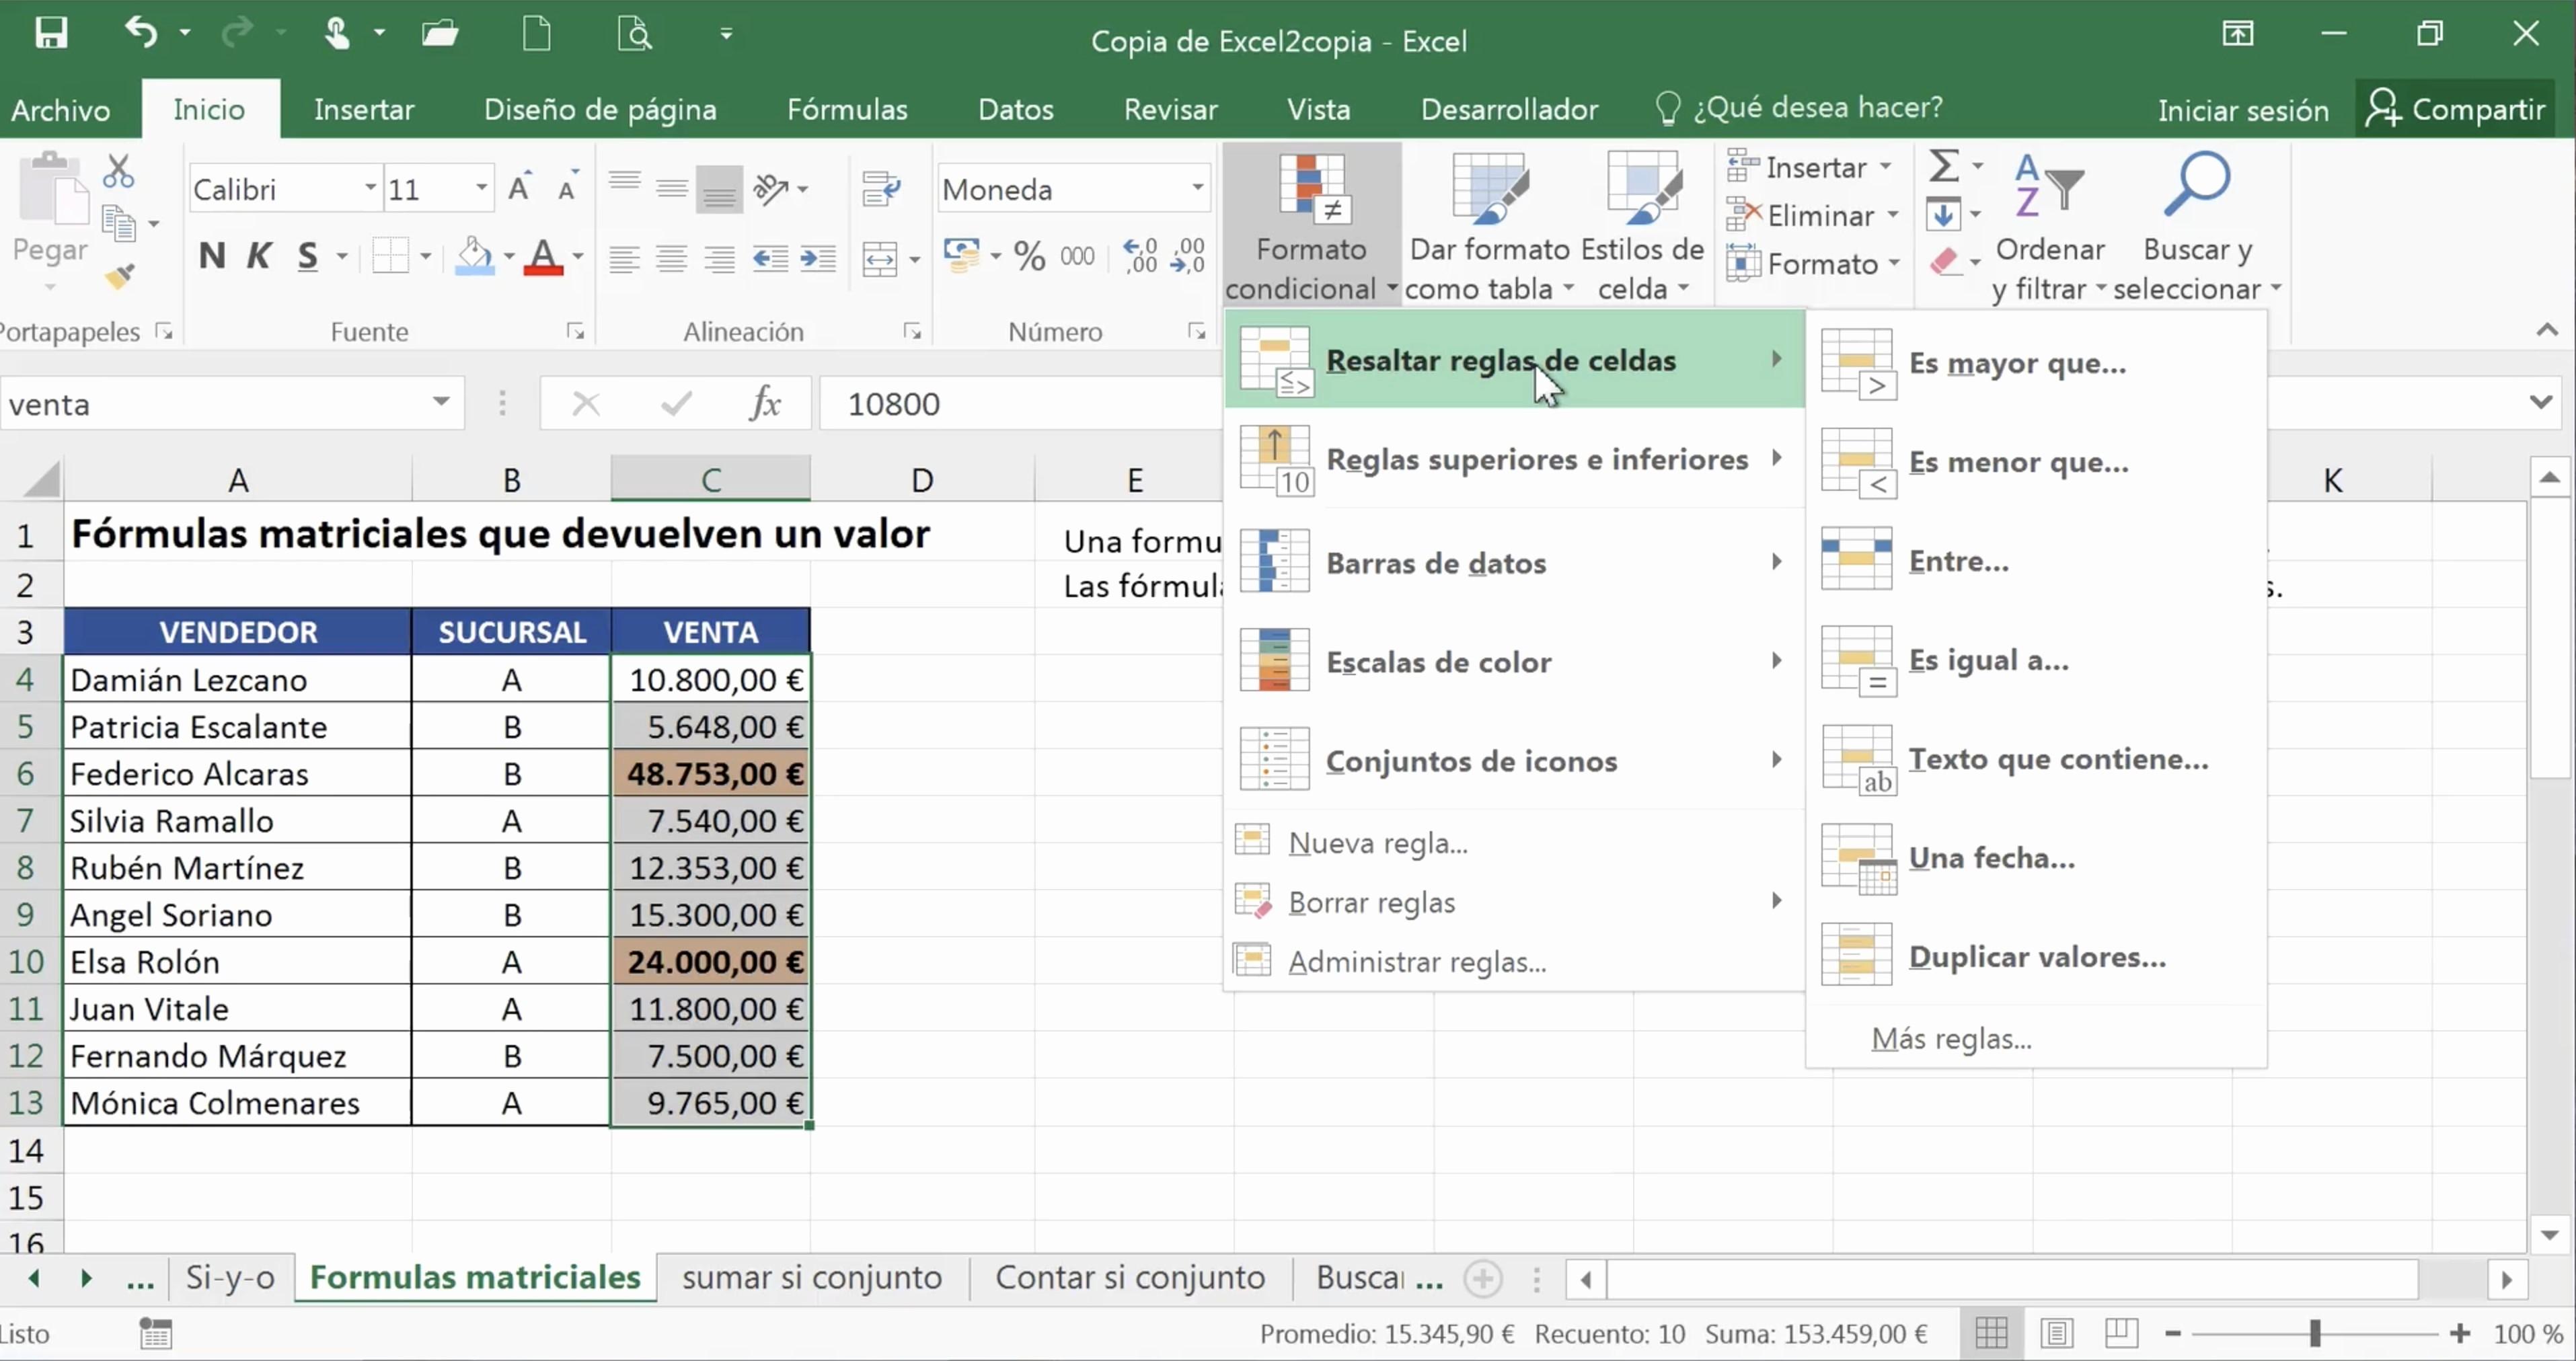 Formato Para Cotizar En Excel Best Of Office 2016 Excel formato Condicional